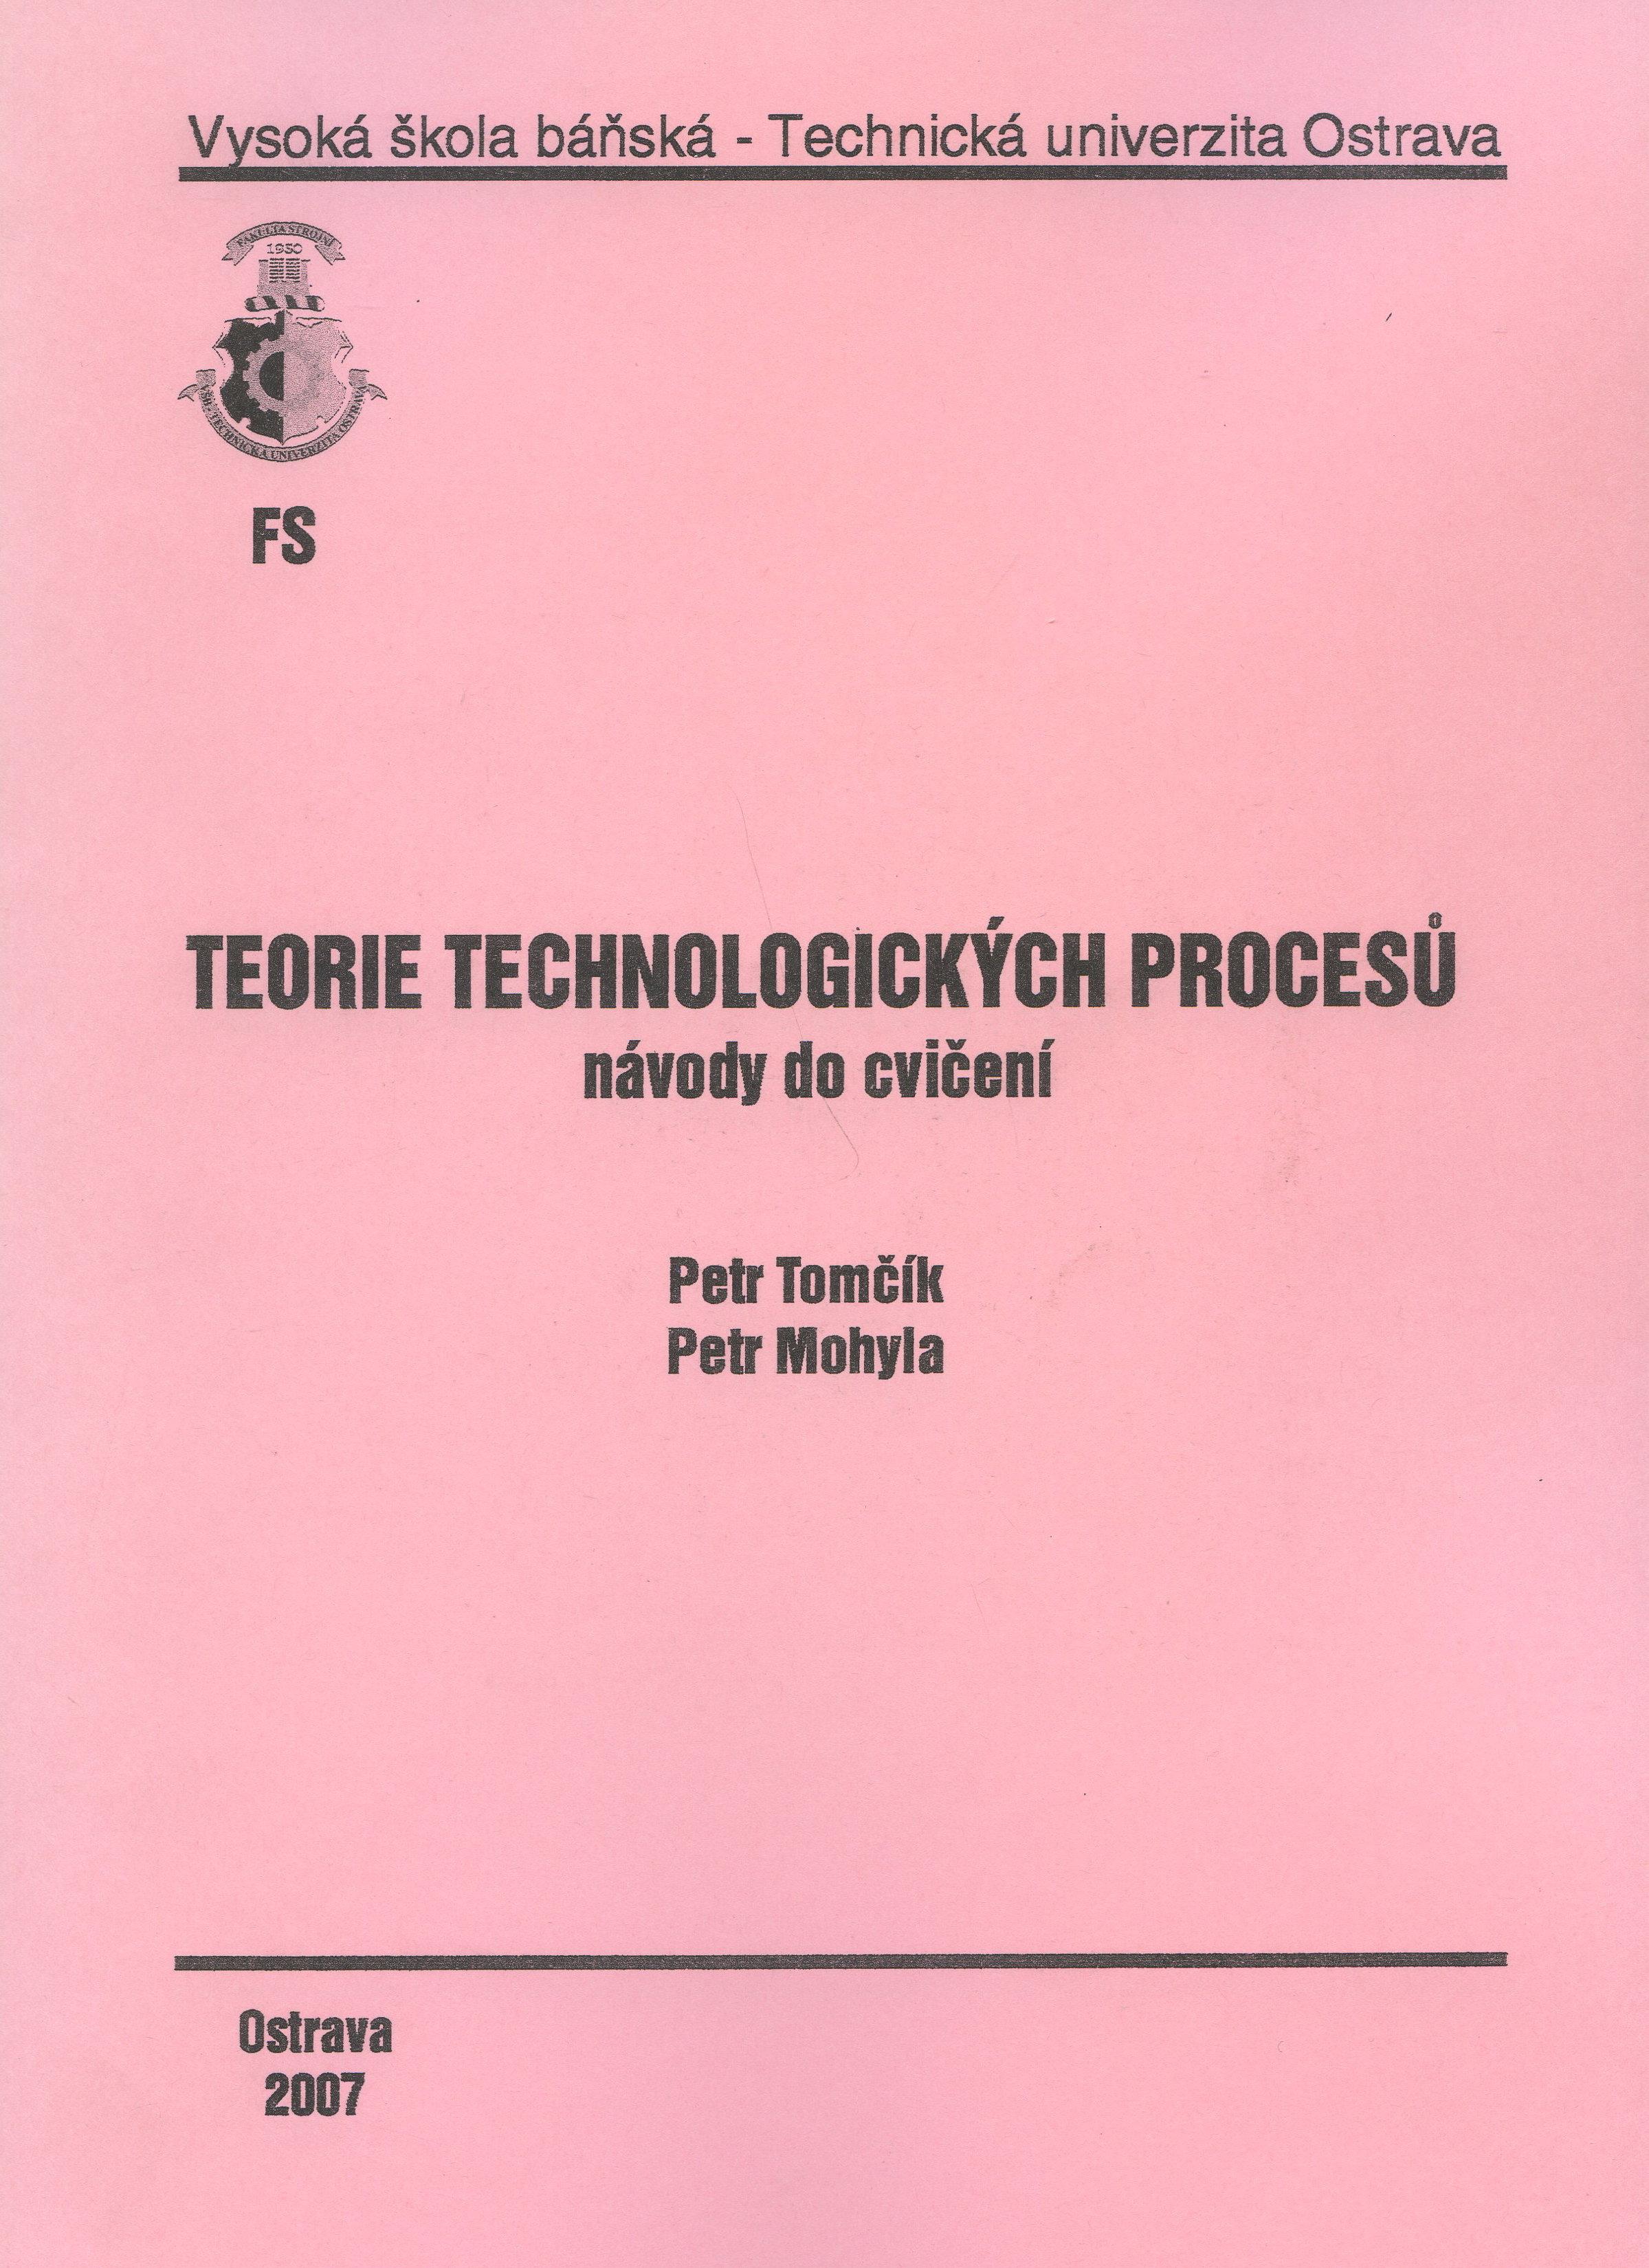 Teorie technologických procesů - návody na cvičení